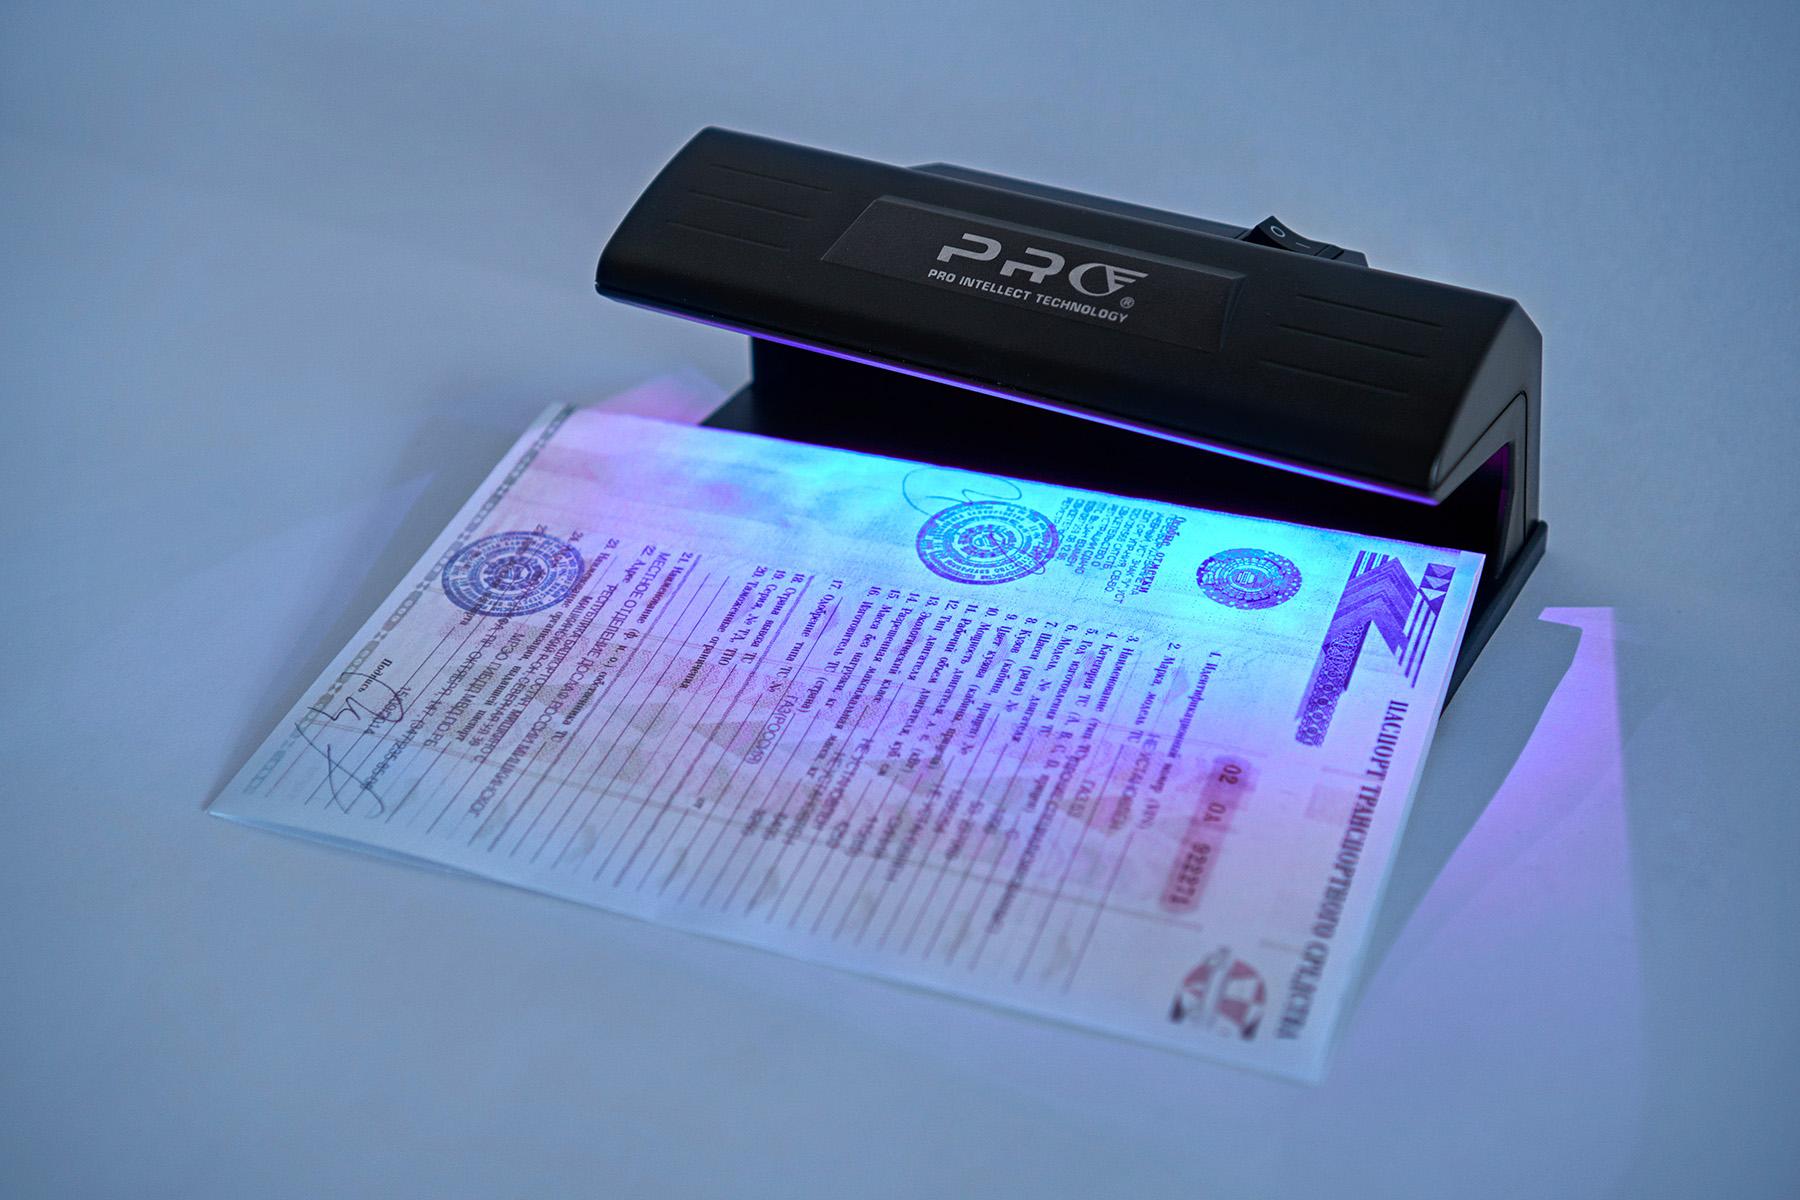 Ультрафиолетовый детектор со светодиодной подсветкой